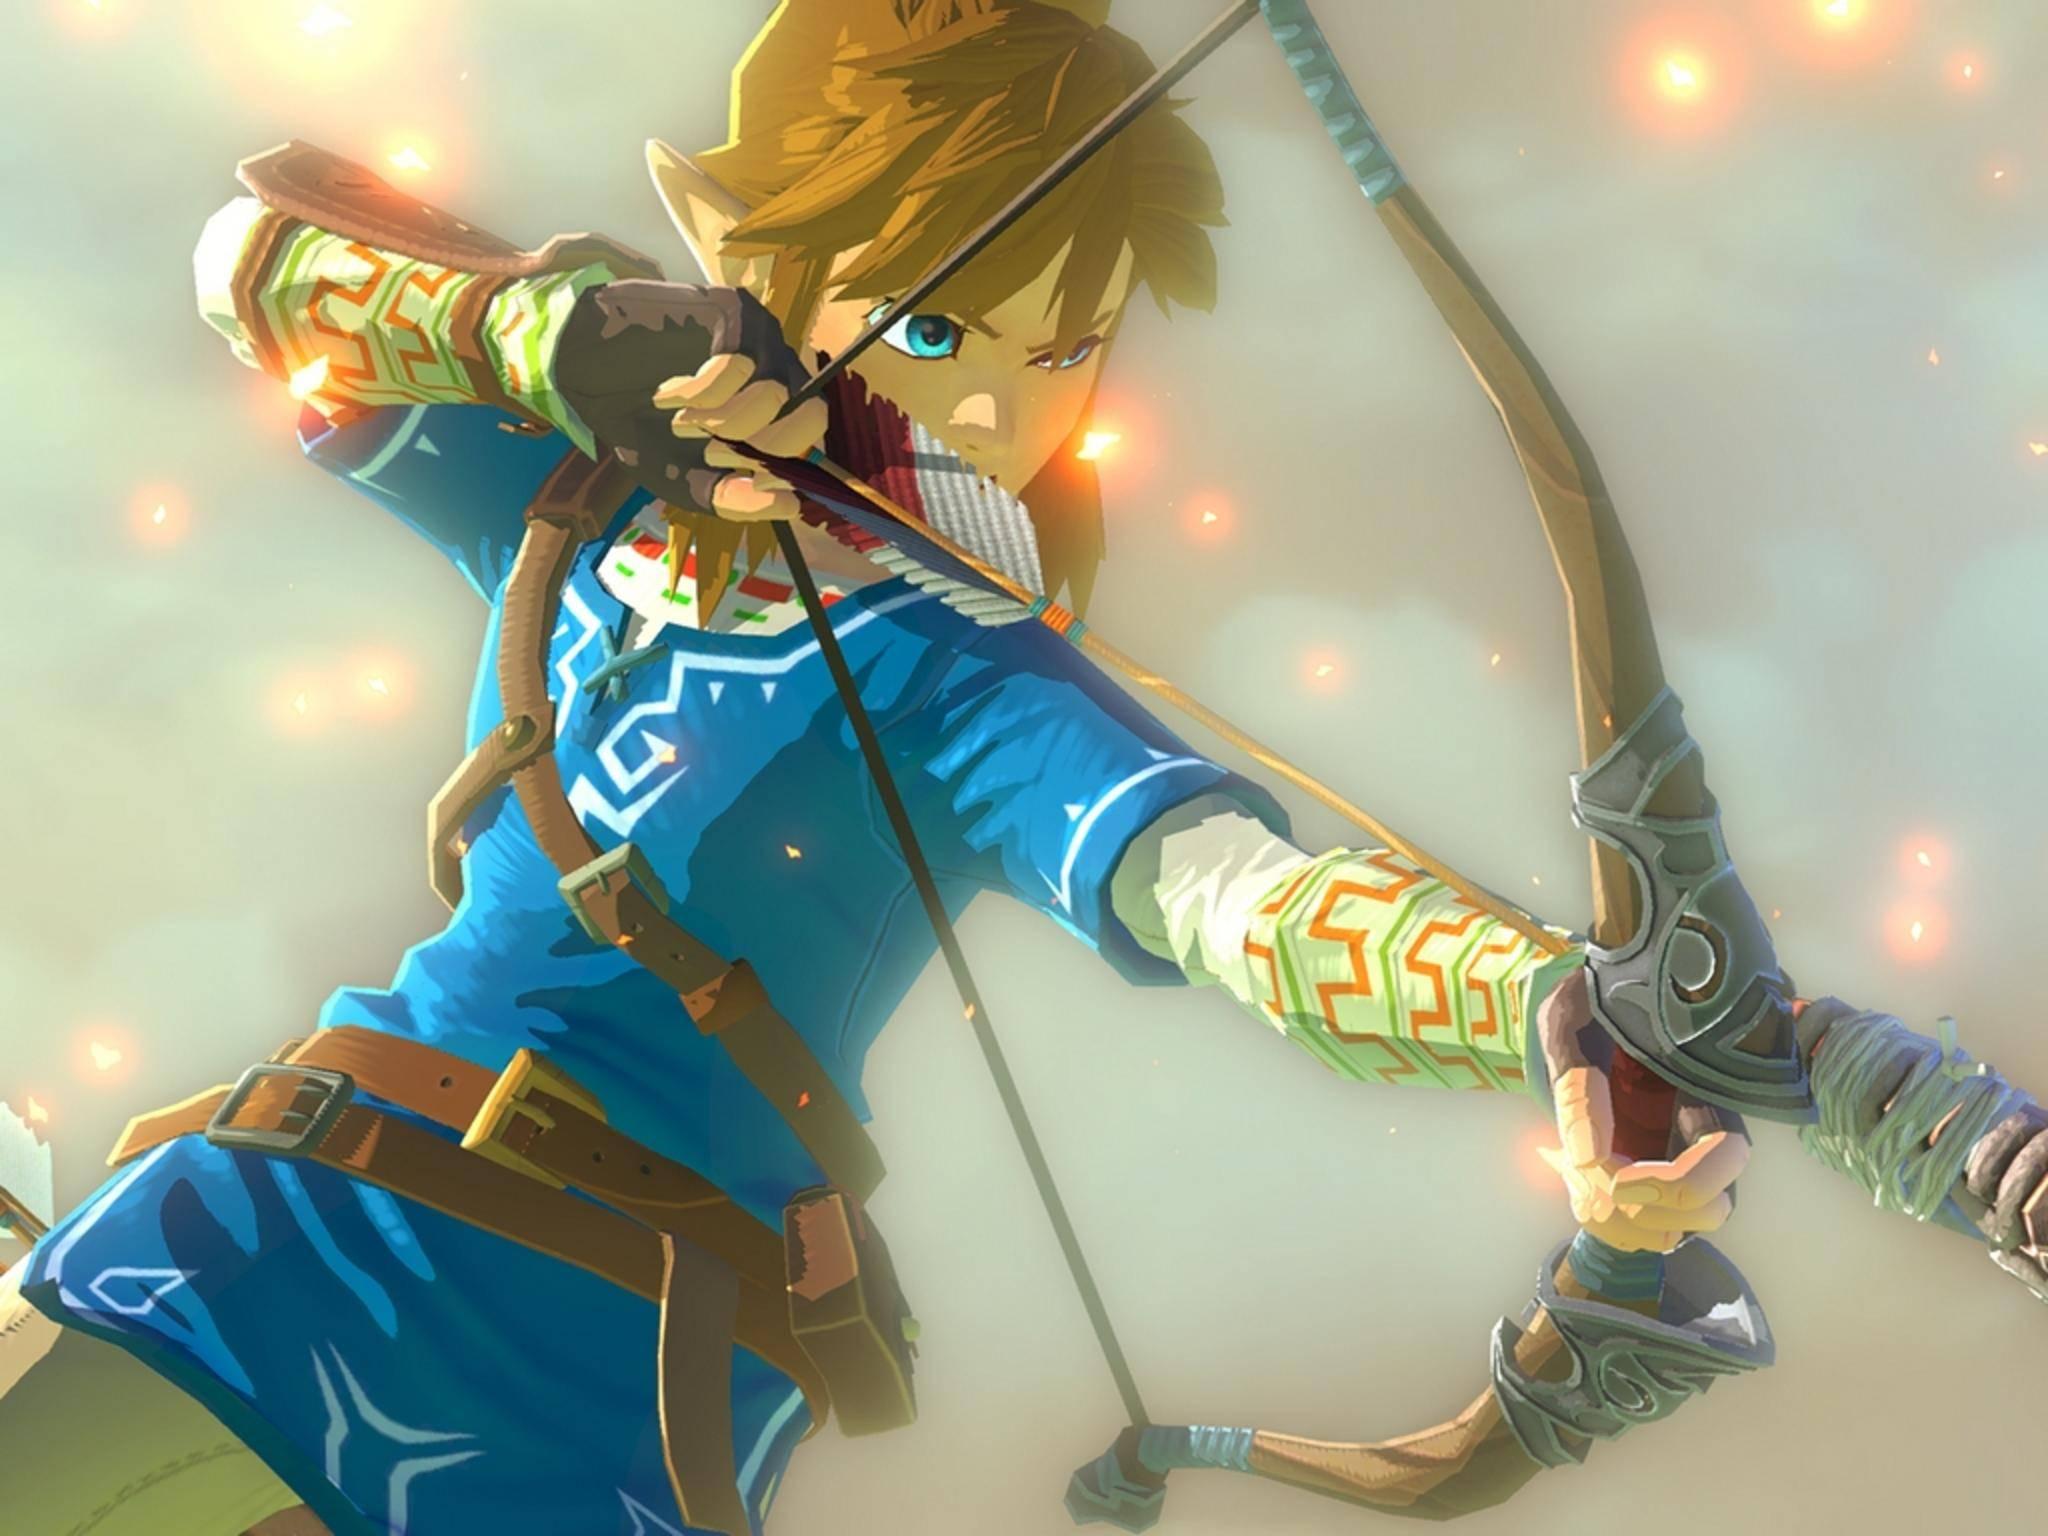 Es gibt zahlreiche Spekulationen, wie die neue Nintendo NX aussehen könnte.